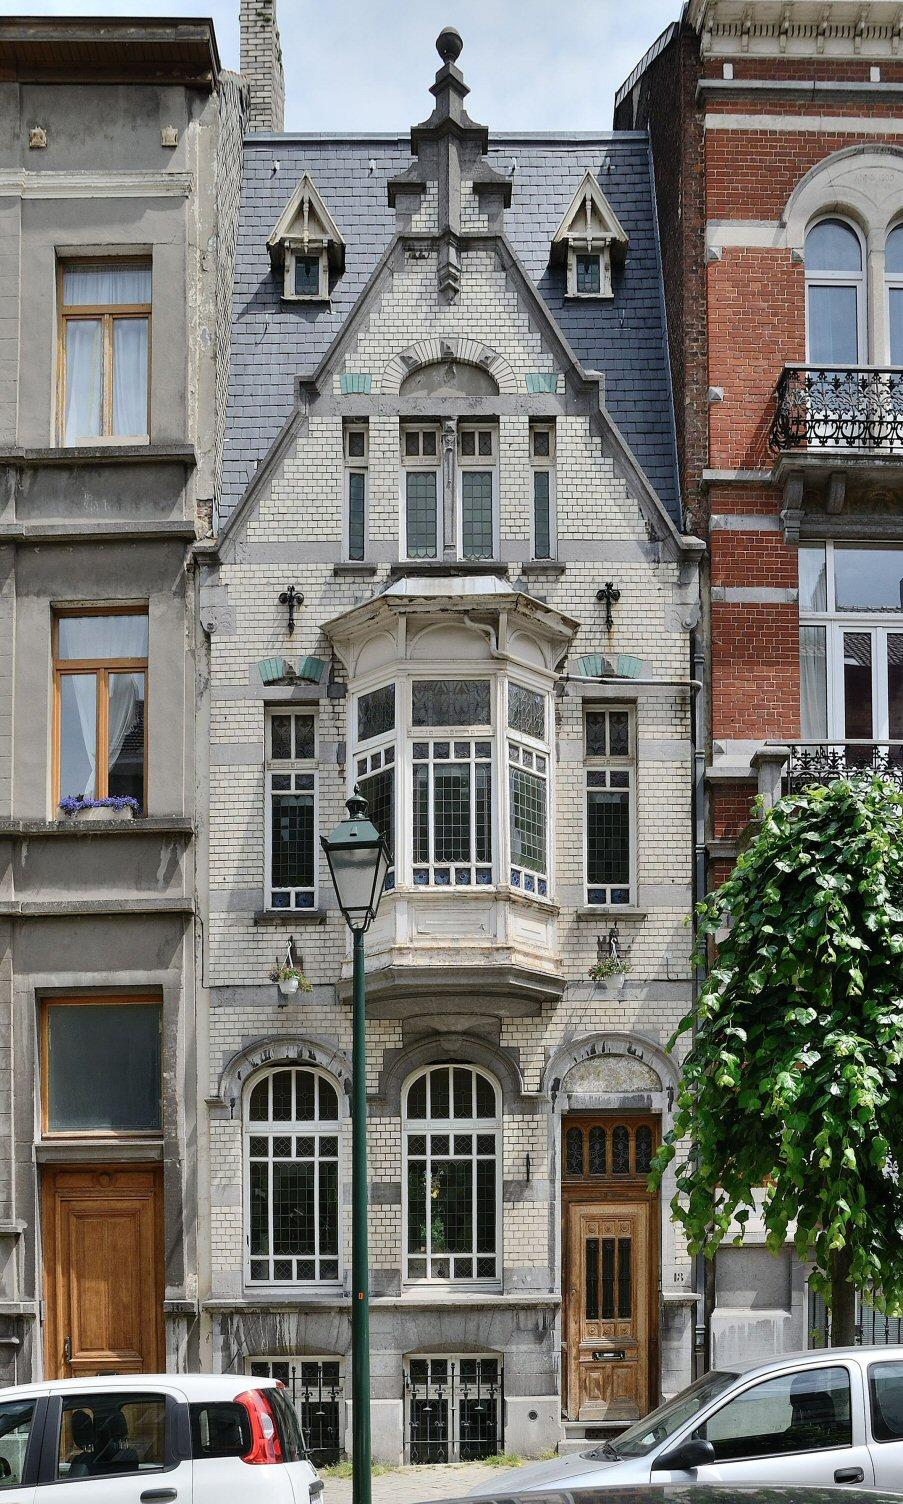 Avenue Jef Lambeaux 18, 2013